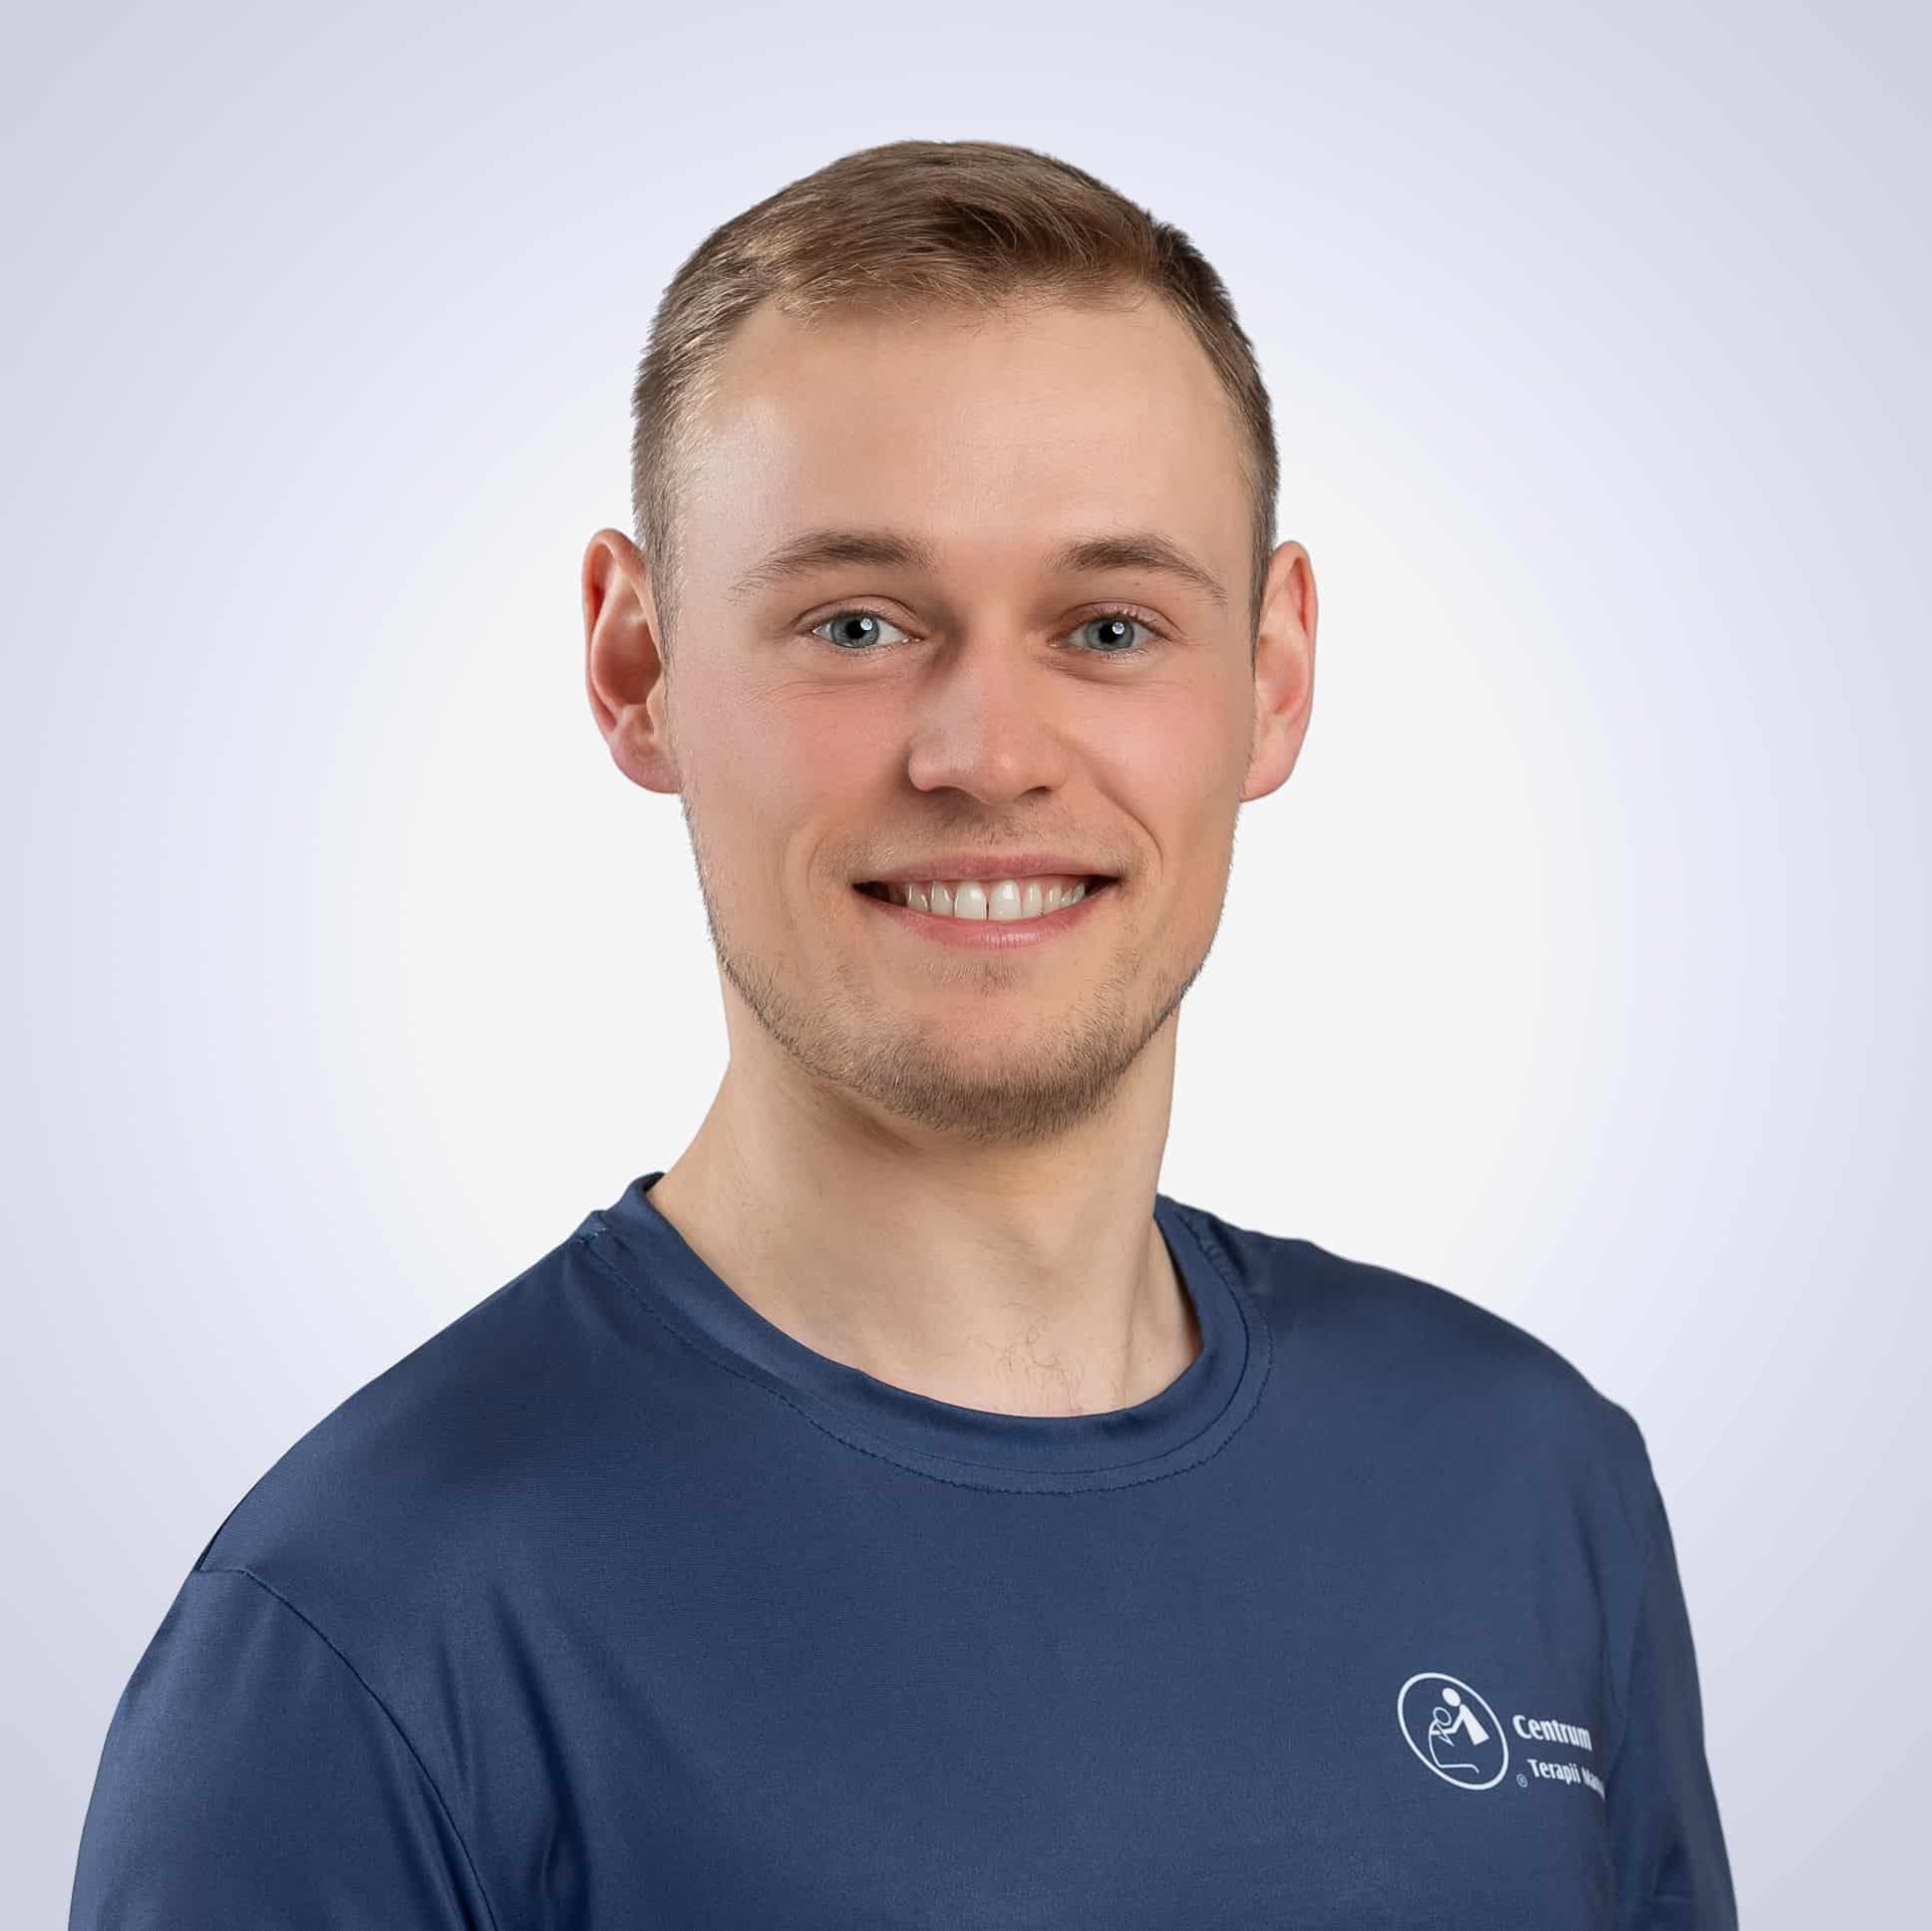 Michał Grząślewicz